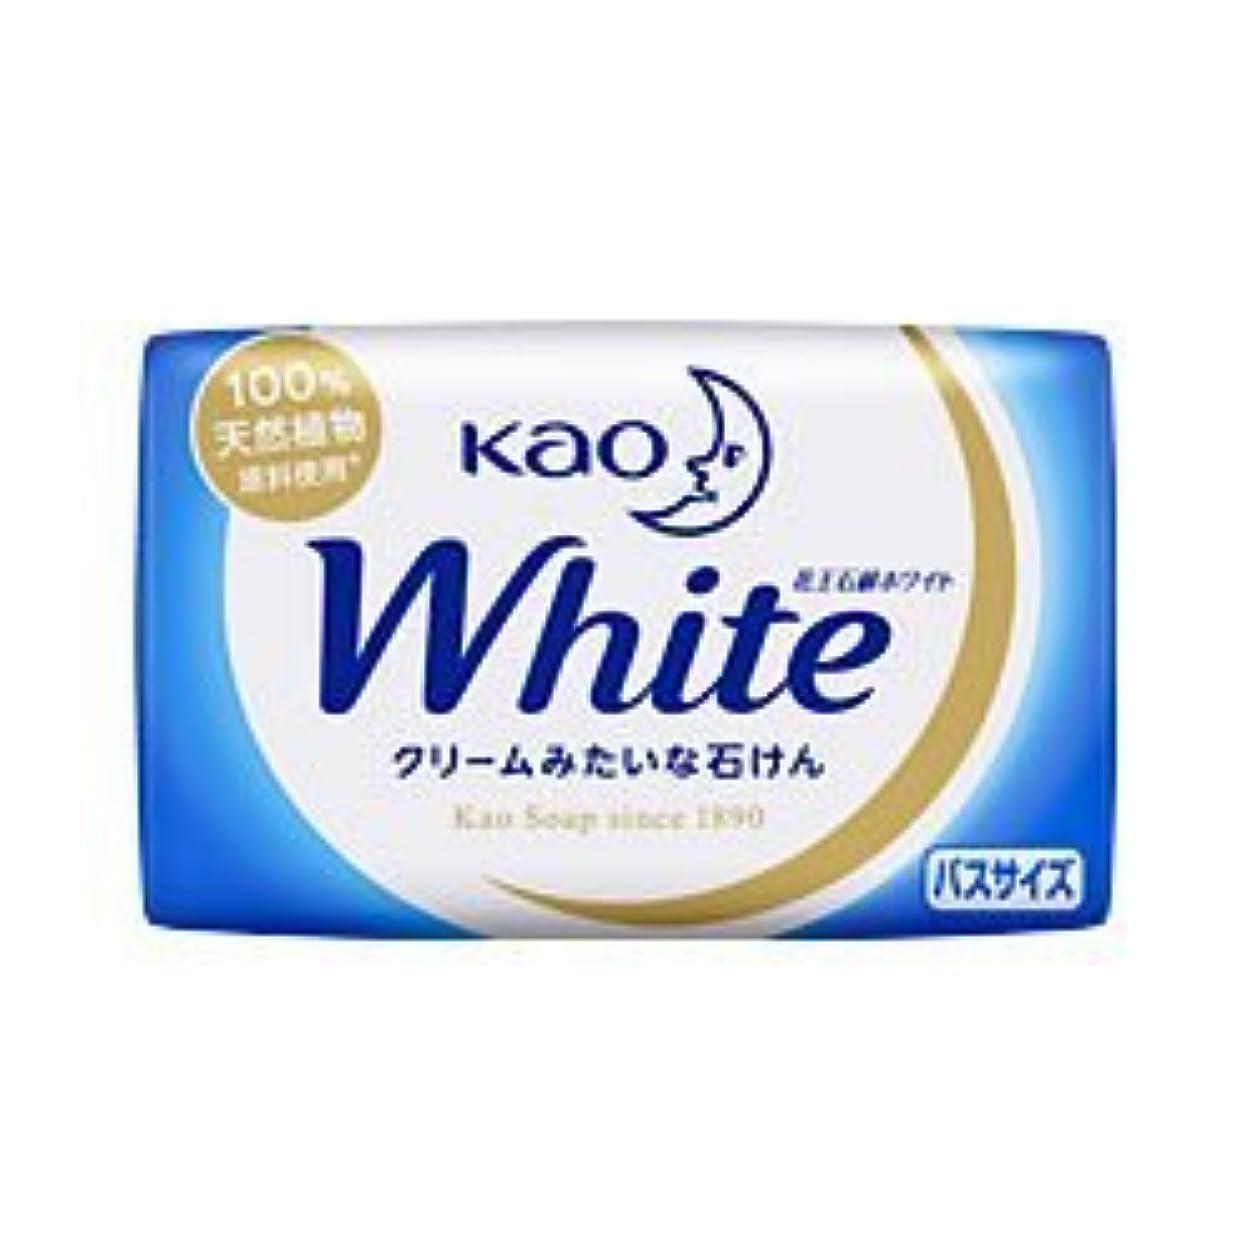 ブランデー涙が出る取り組む【花王】花王ホワイト バスサイズ 1個 130g ×20個セット